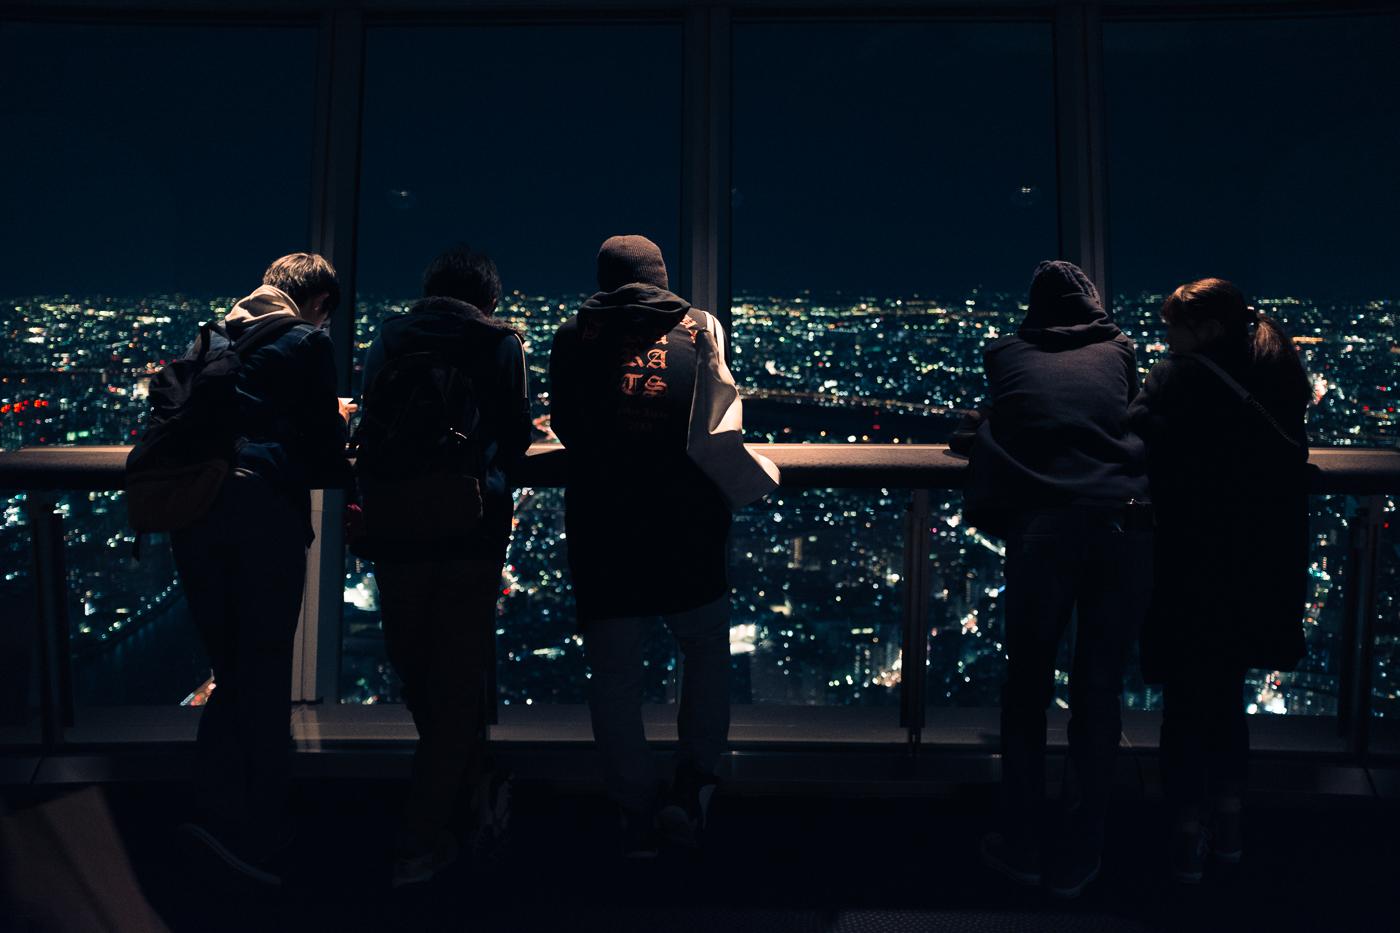 L'observatoire du Tokyo Skytree de nuit et les spectateurs de ce spectacle intense